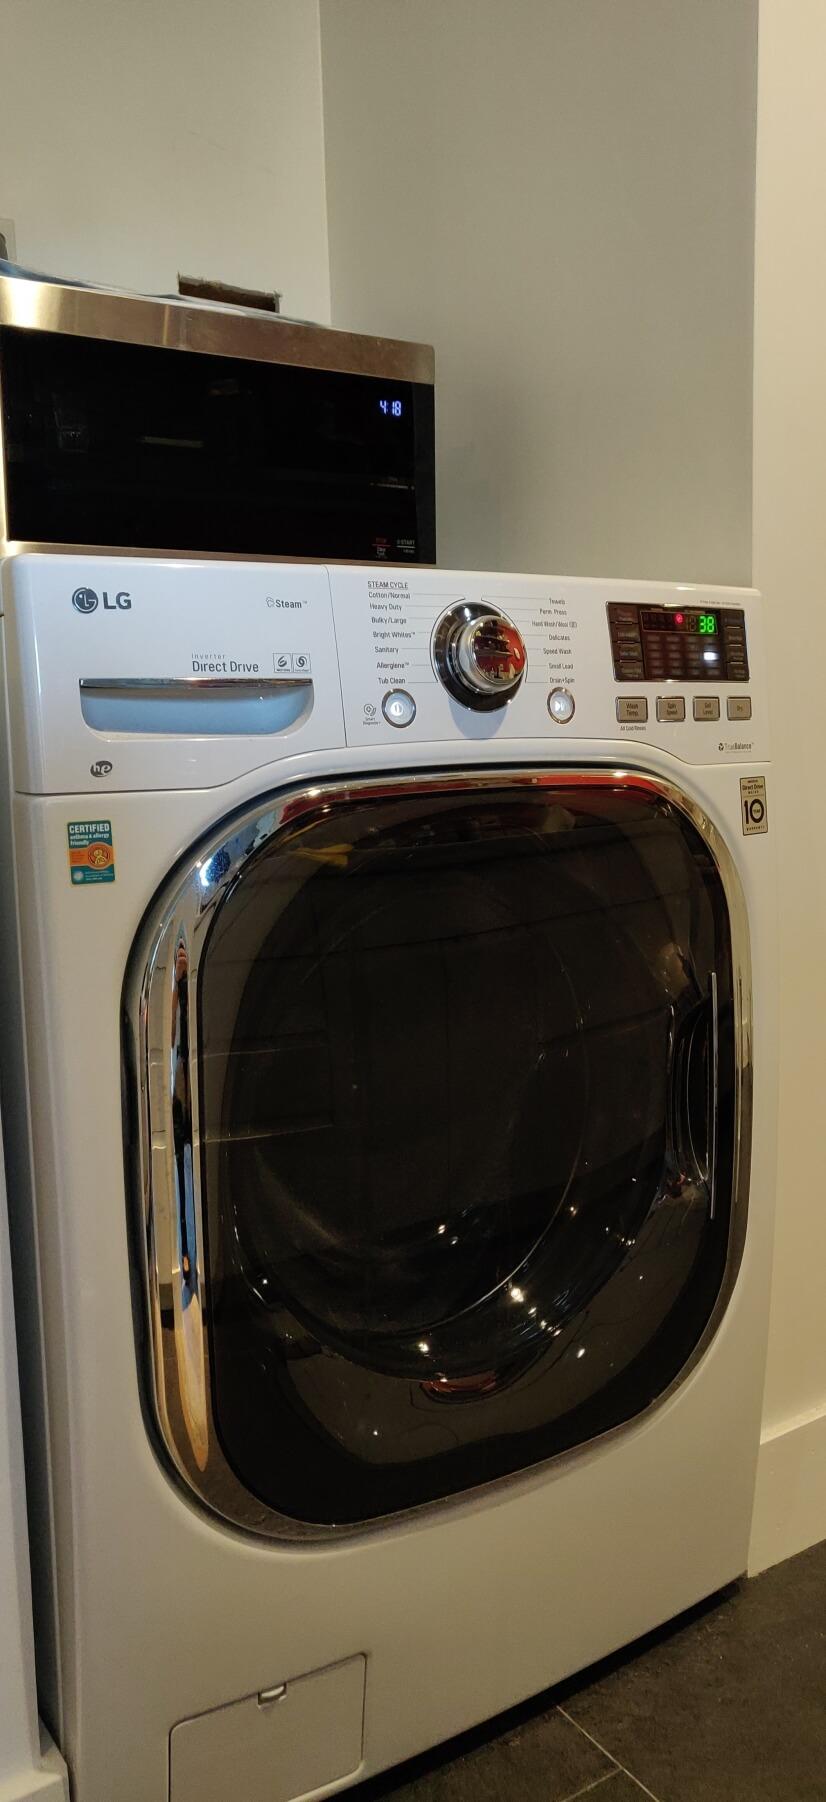 New LGcombo washer/dryer